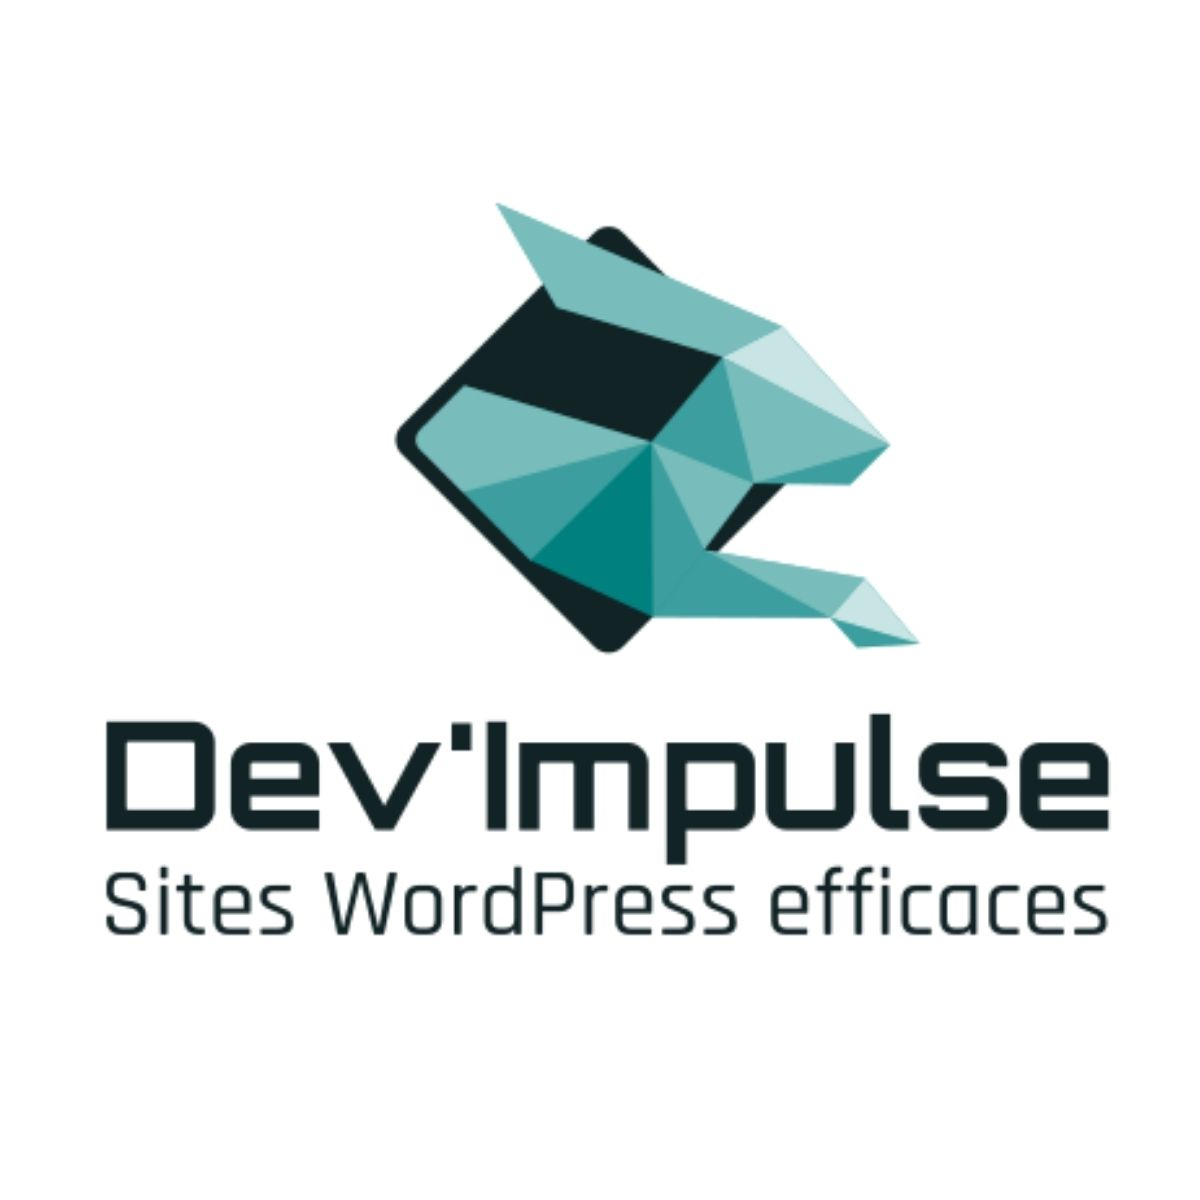 dev_impulse